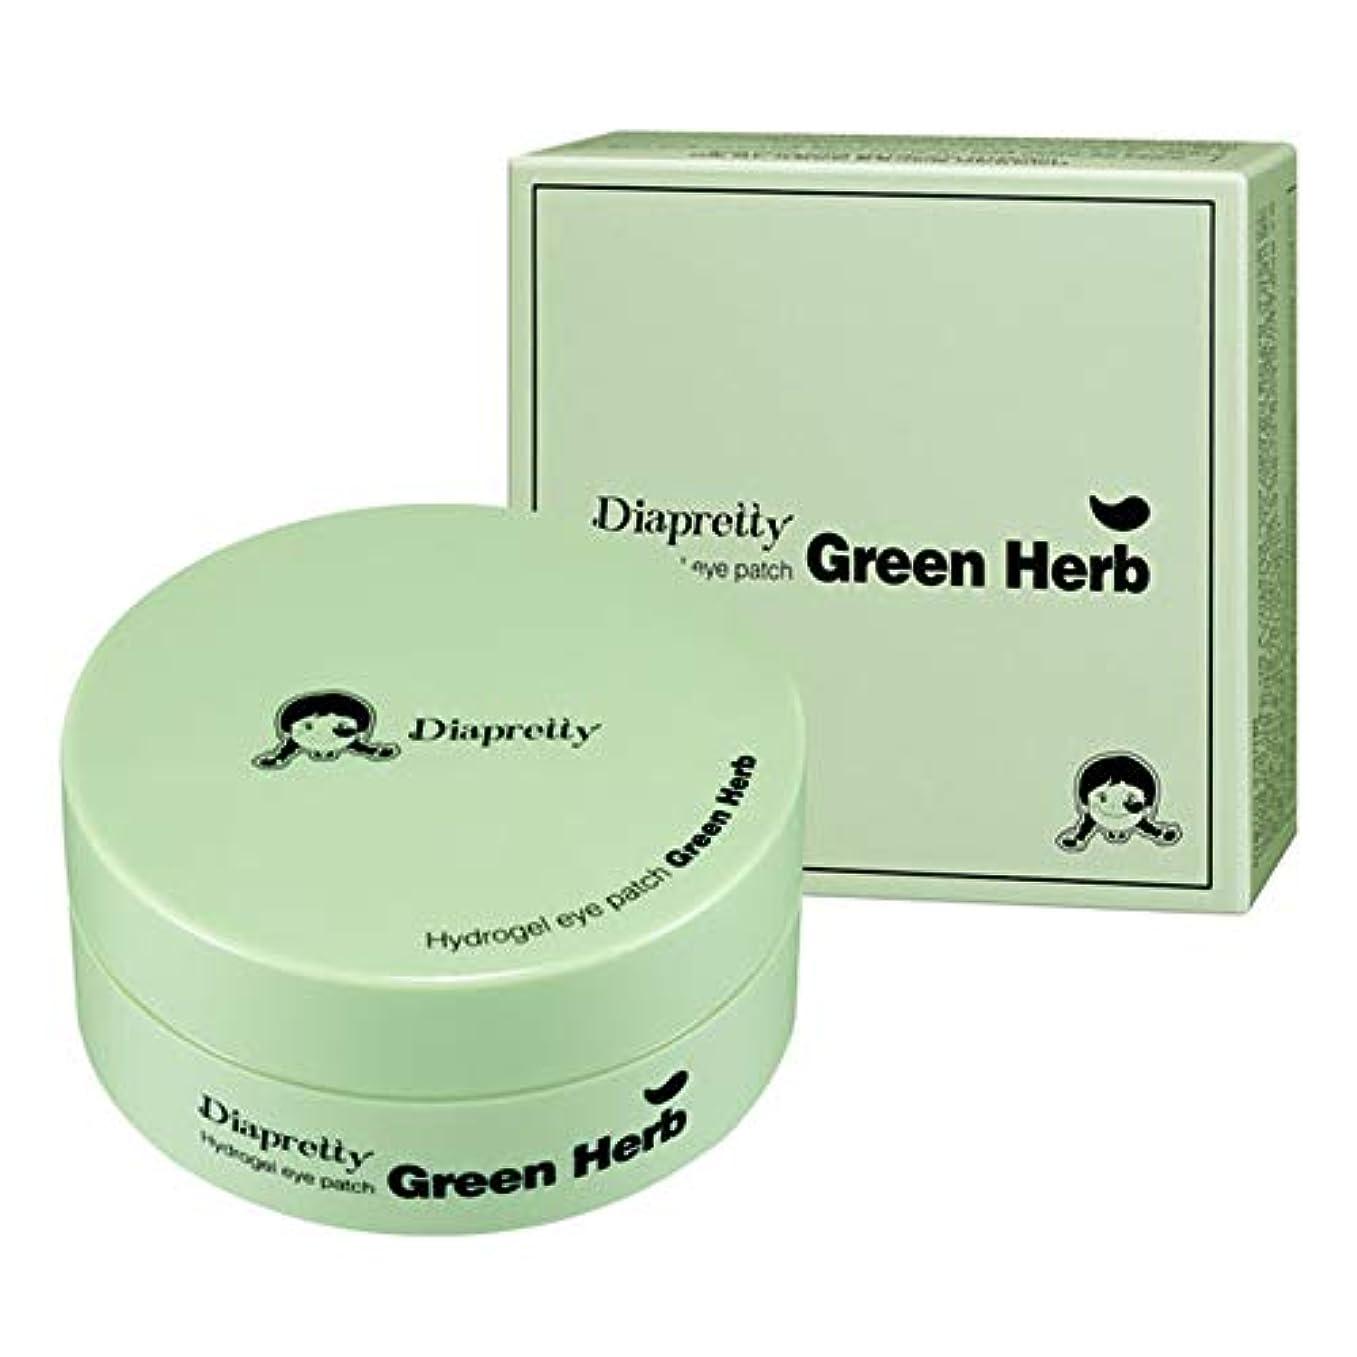 感度火山学者近く[ダイアプリティ] ハイドロゲルア イパッチ (Greeen Herb) 60枚, [Diapretty] Hydrogel Eyepatch(Green Herb) 60pieces